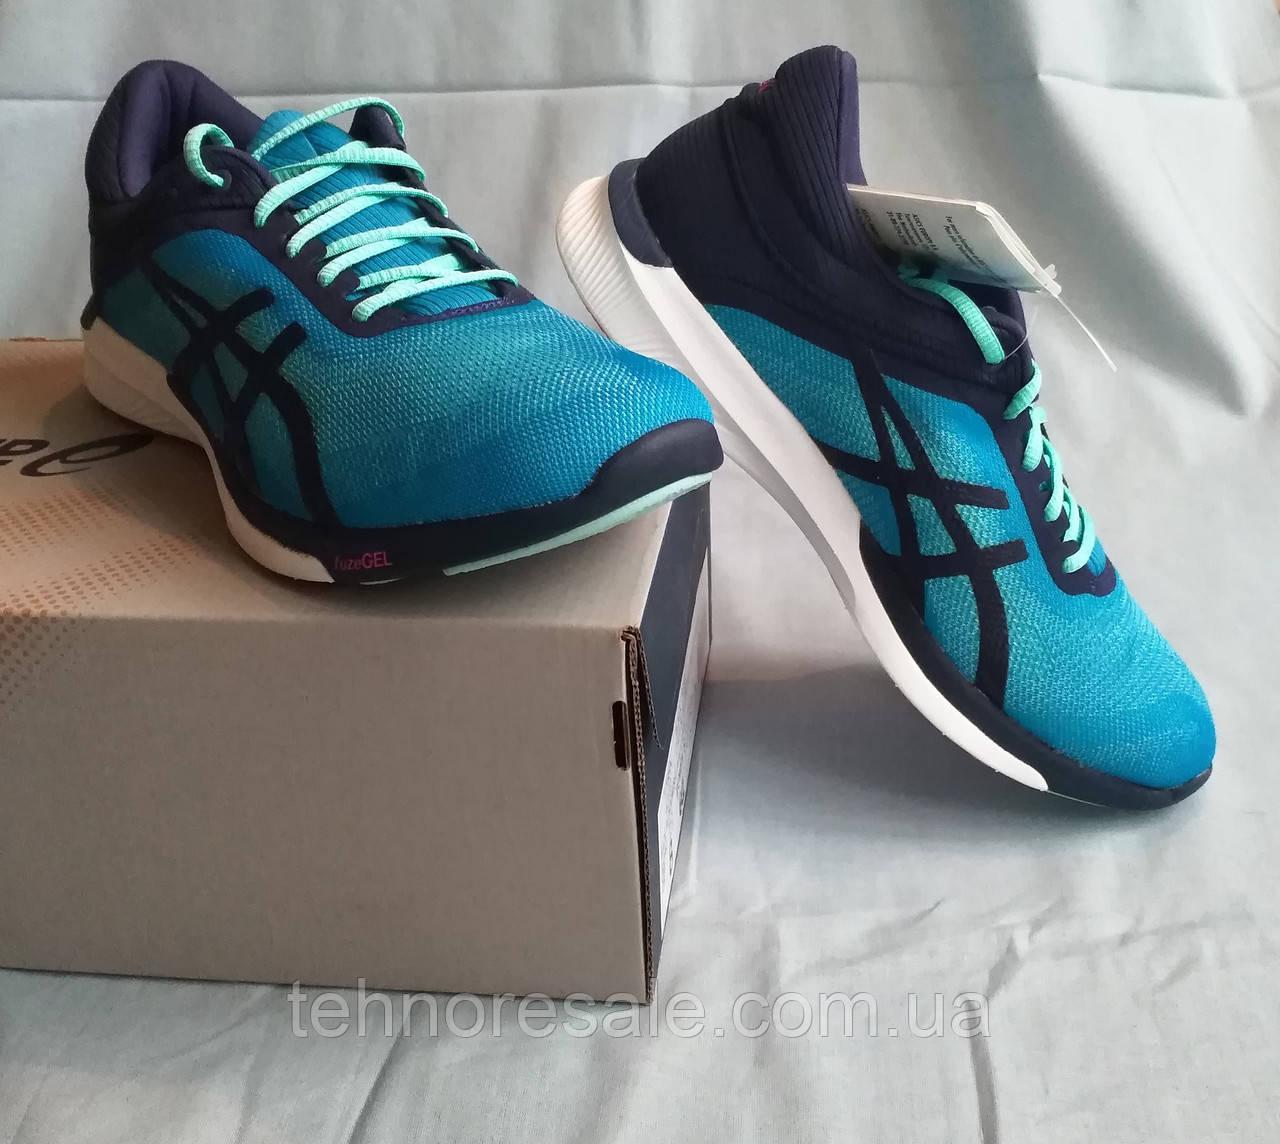 Беговые женские кроссовки ASICS FuzeX Rush, ОРИГИНАЛ, размер 9 (39 - 25,75см)